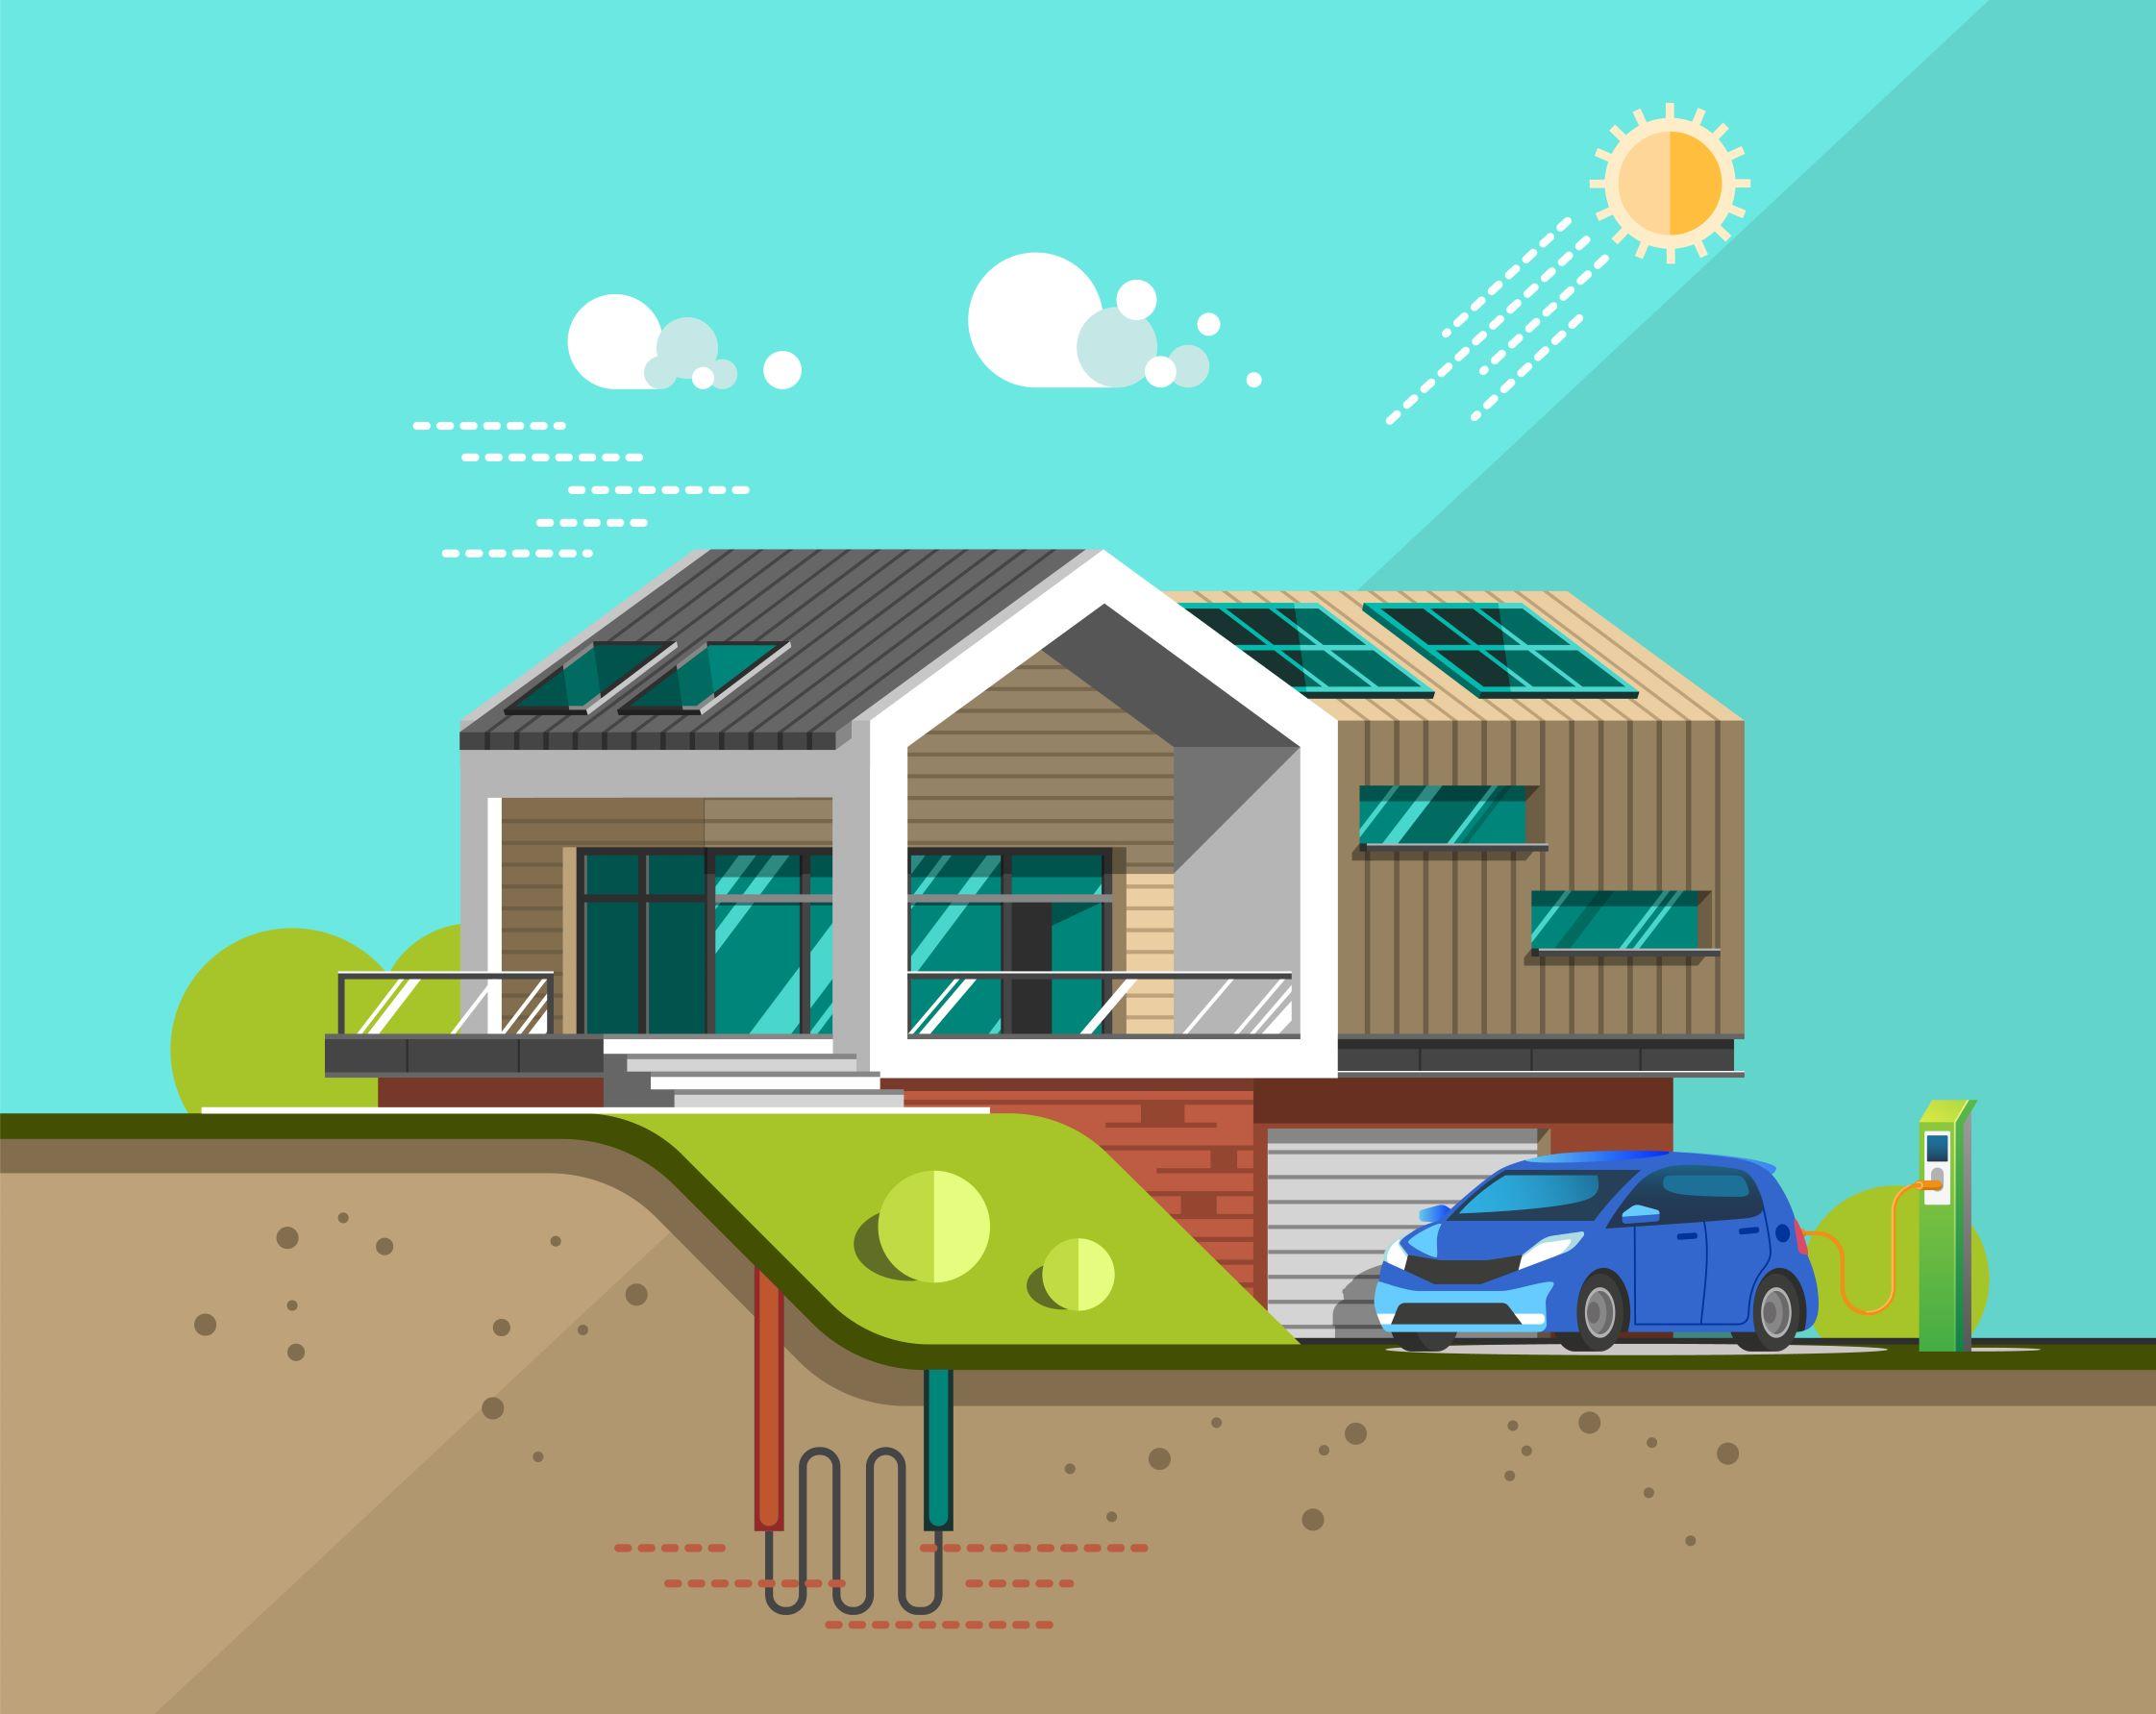 ¿Qué son las Viviendas Geo Solares de carbono positivo?